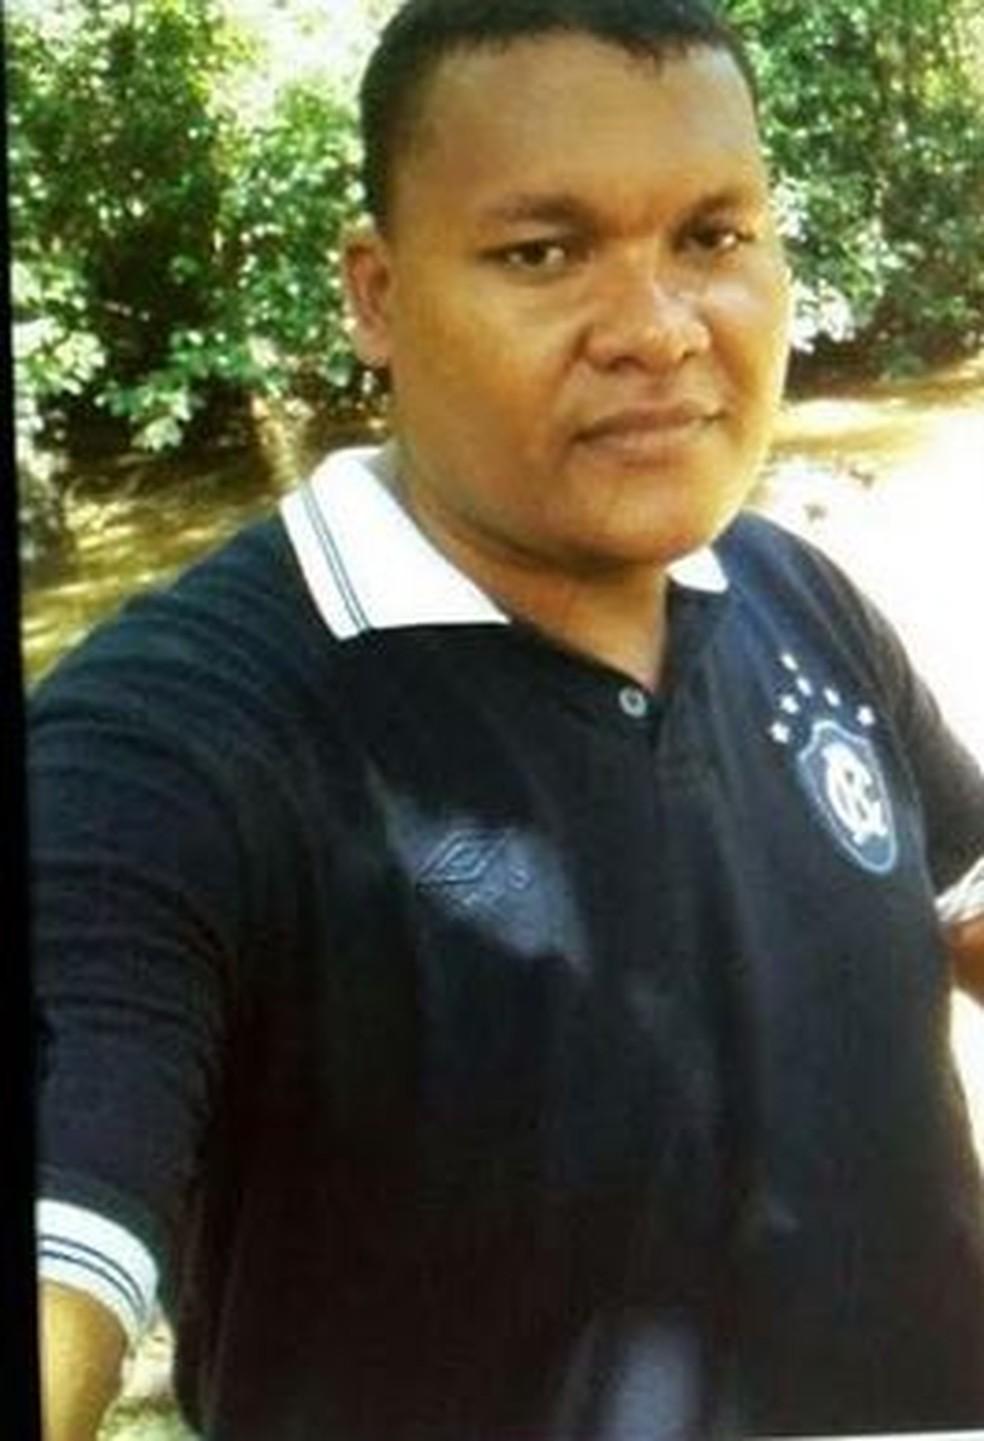 Edson Rodrigues da Silva, conhecido como Urso, de 35 anos, foi executado com mais de dez tiros em Cruzeiro do Sul (Foto: Arquivo da famíia)